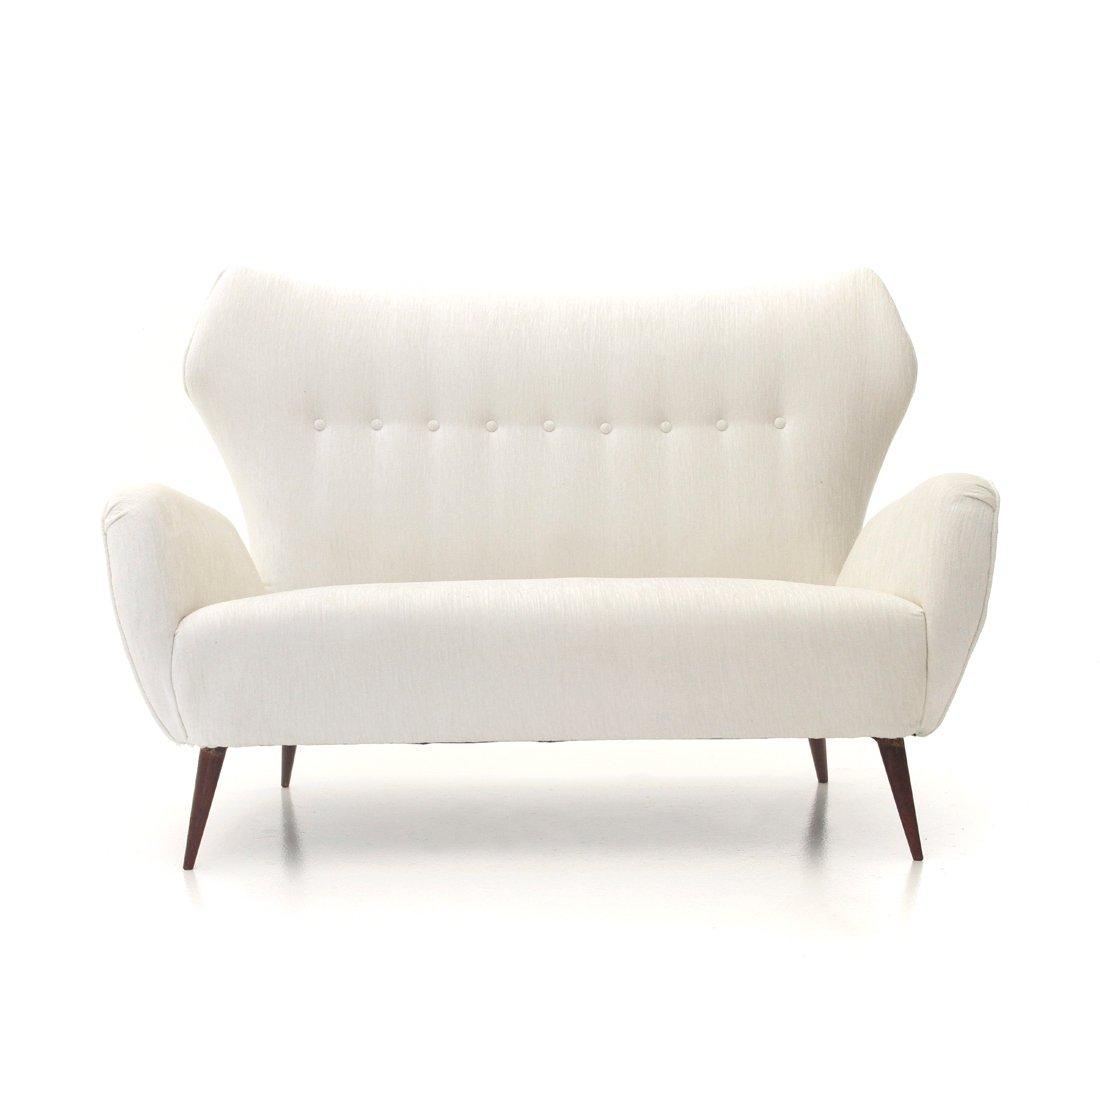 Modernes italienisches 2-Sitzer Sofa in weißem Samt, 1940er